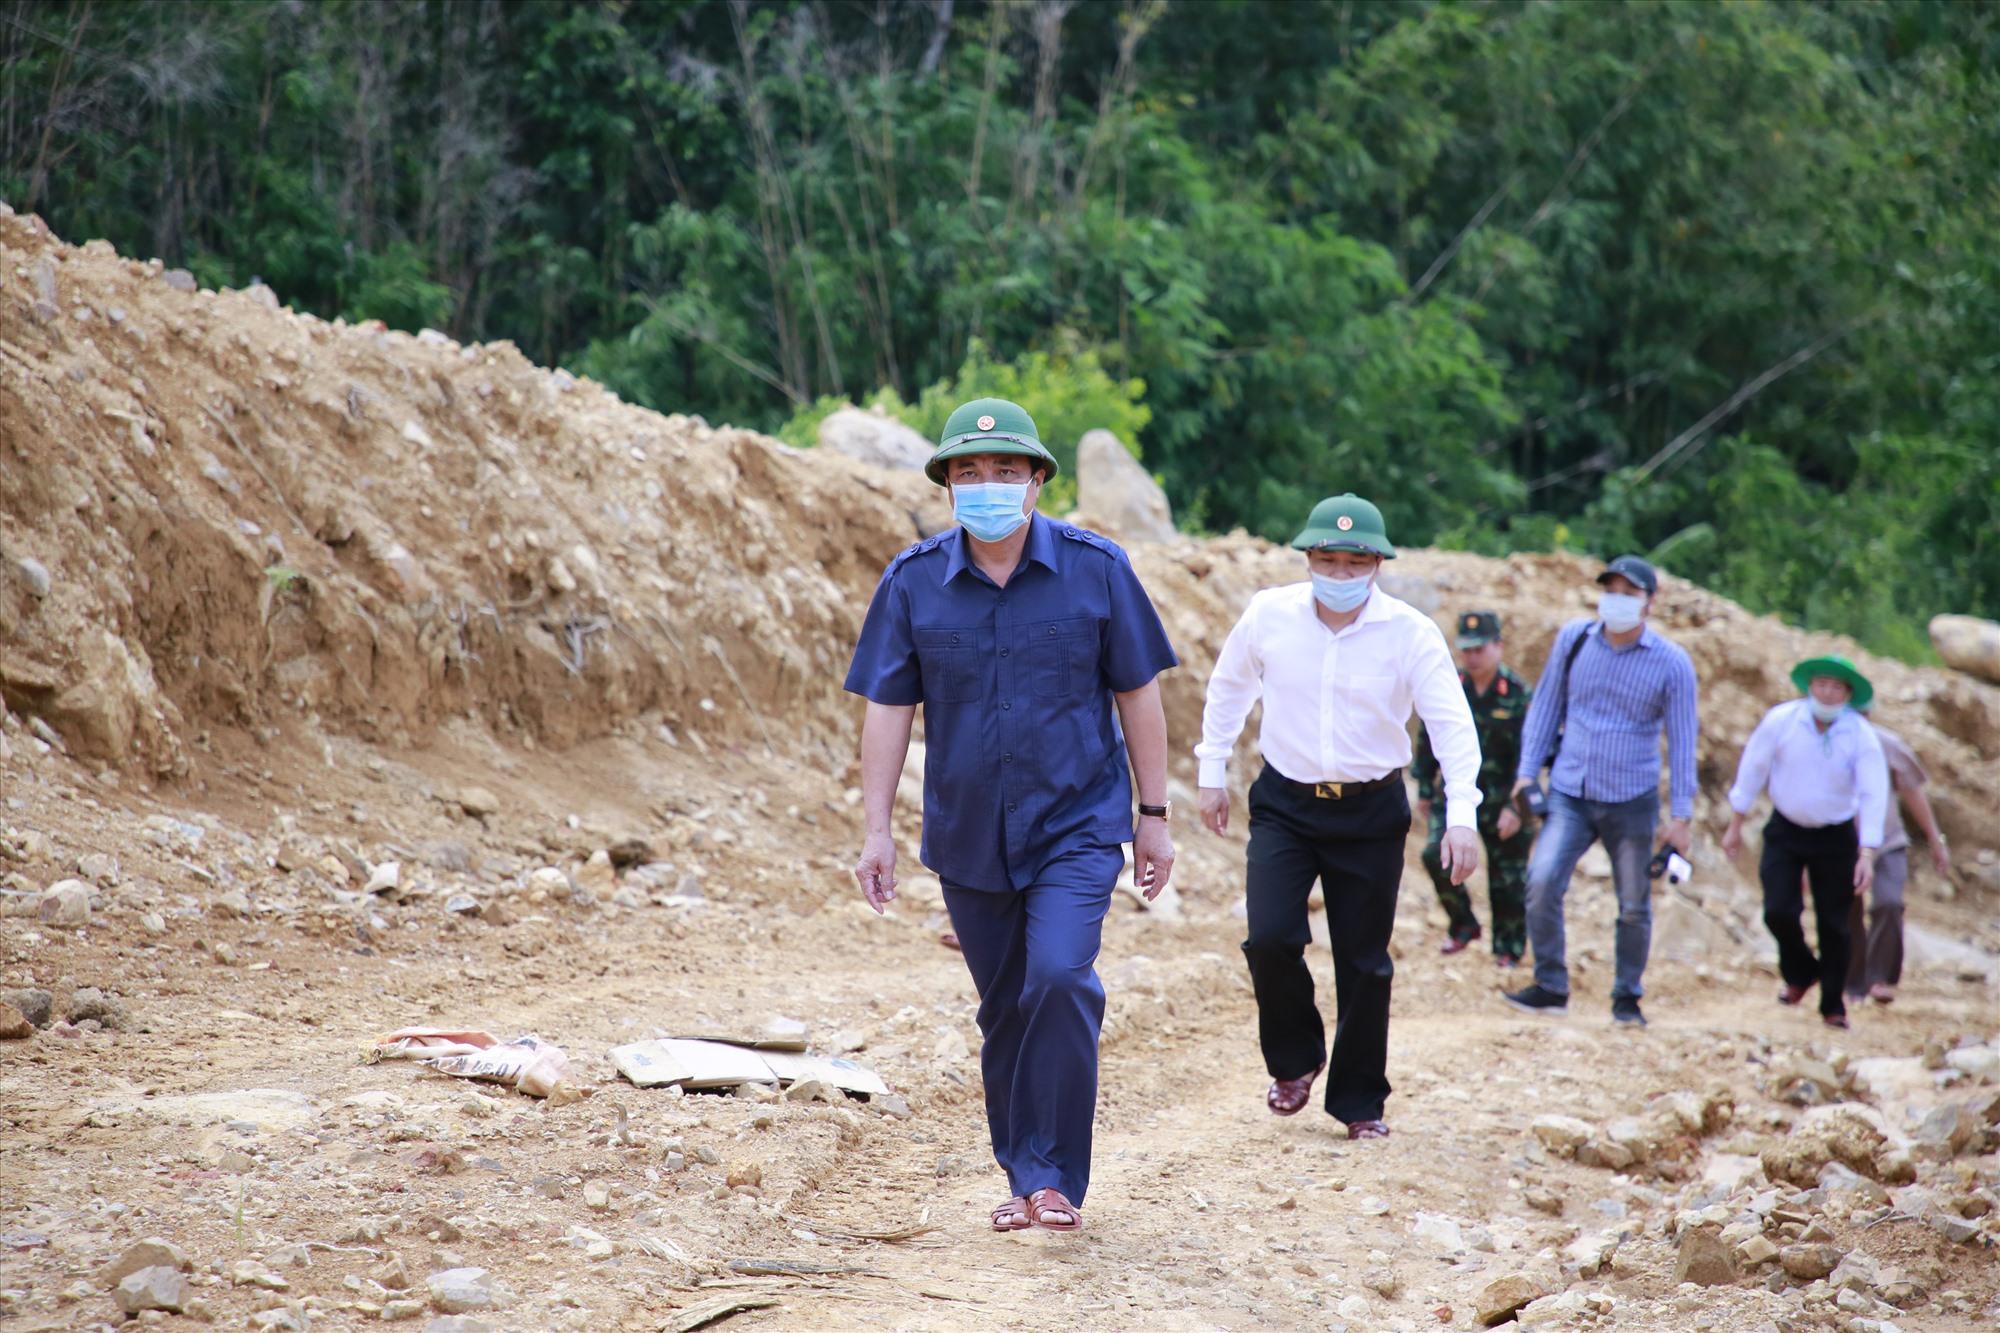 Bí thư Tỉnh ủy Phan Việt Cường cùng đoàn công tác vào thăm chốt kiểm soát phòng dịch Covid-19 Đăk Ngol. Ảnh: T.C